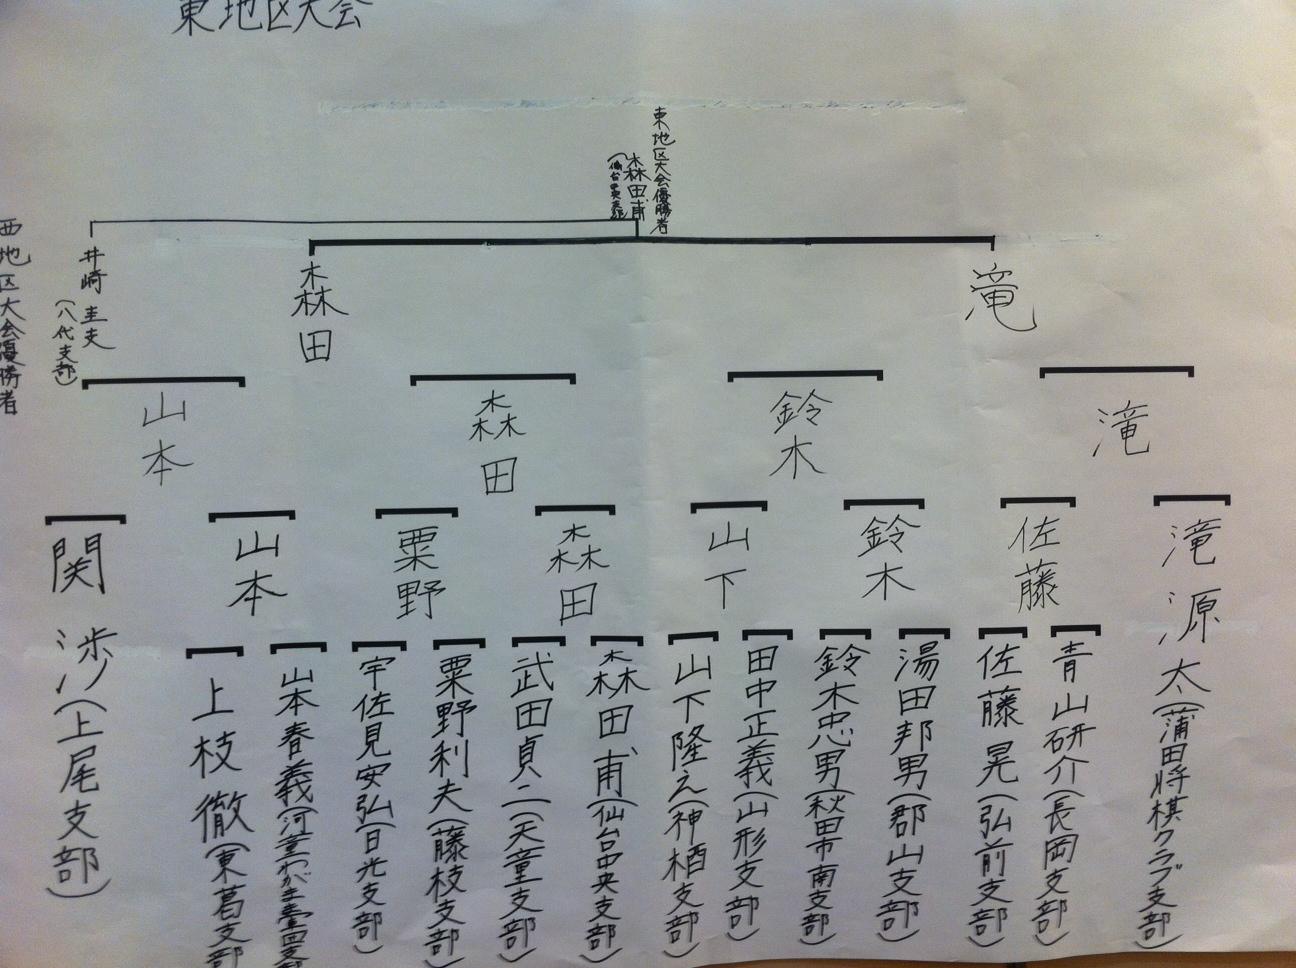 シニア名人トーナメント表